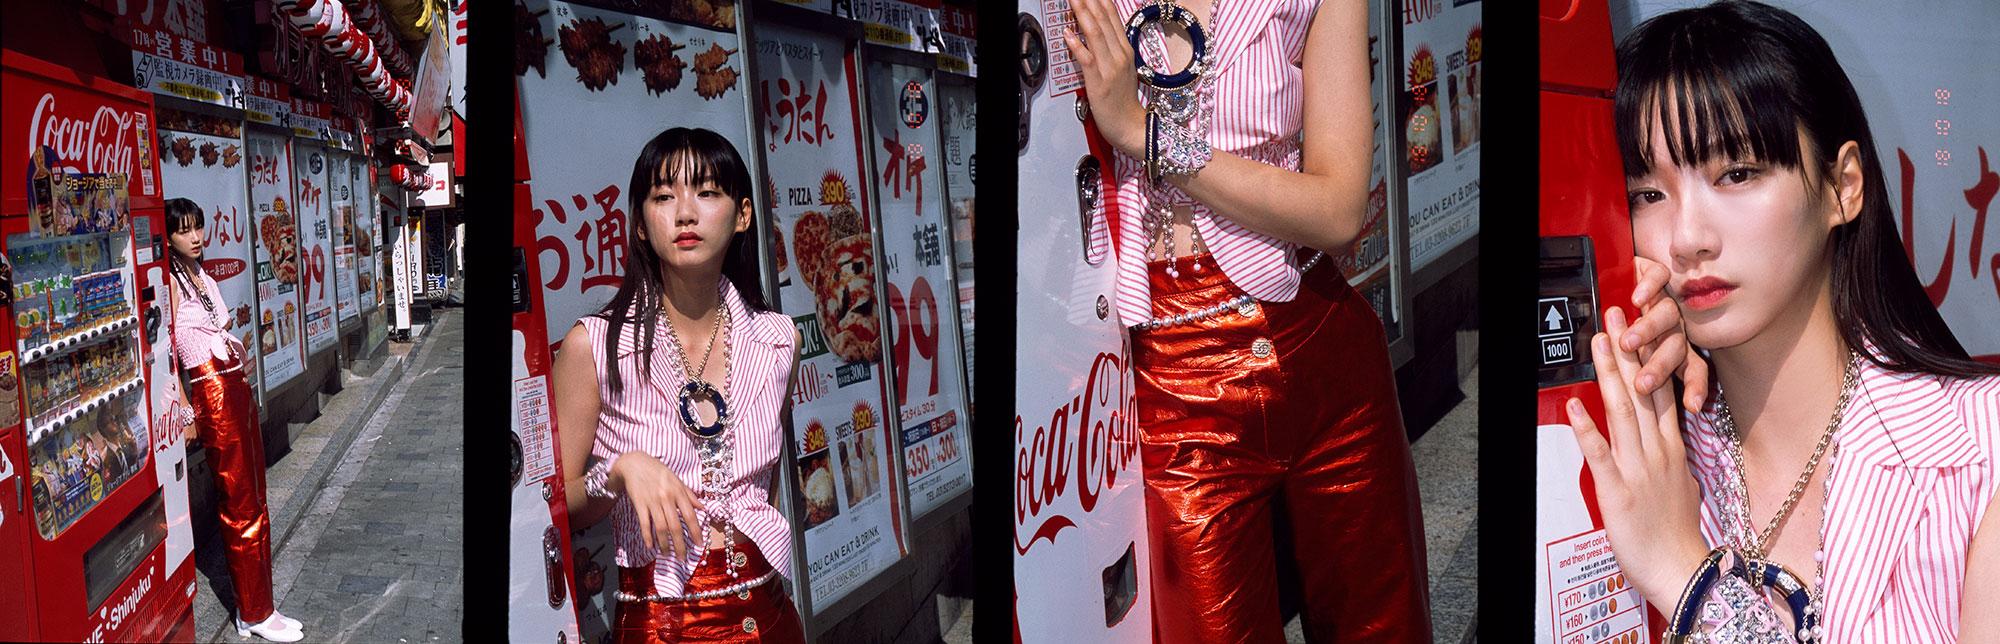 トップス ¥175,000、パンツ ¥869,000、シューズ ¥122,000、ネックレス (短) ¥309,000、ネックレス (長) ¥503,000、ブローチ ¥84,000、ベルト ¥153,000、両腕にしたブレスレット各 ¥233,000、左腕にしたバングル ¥261,000、全て Chanel (シャネル)、ソックス/スタイリスト私物